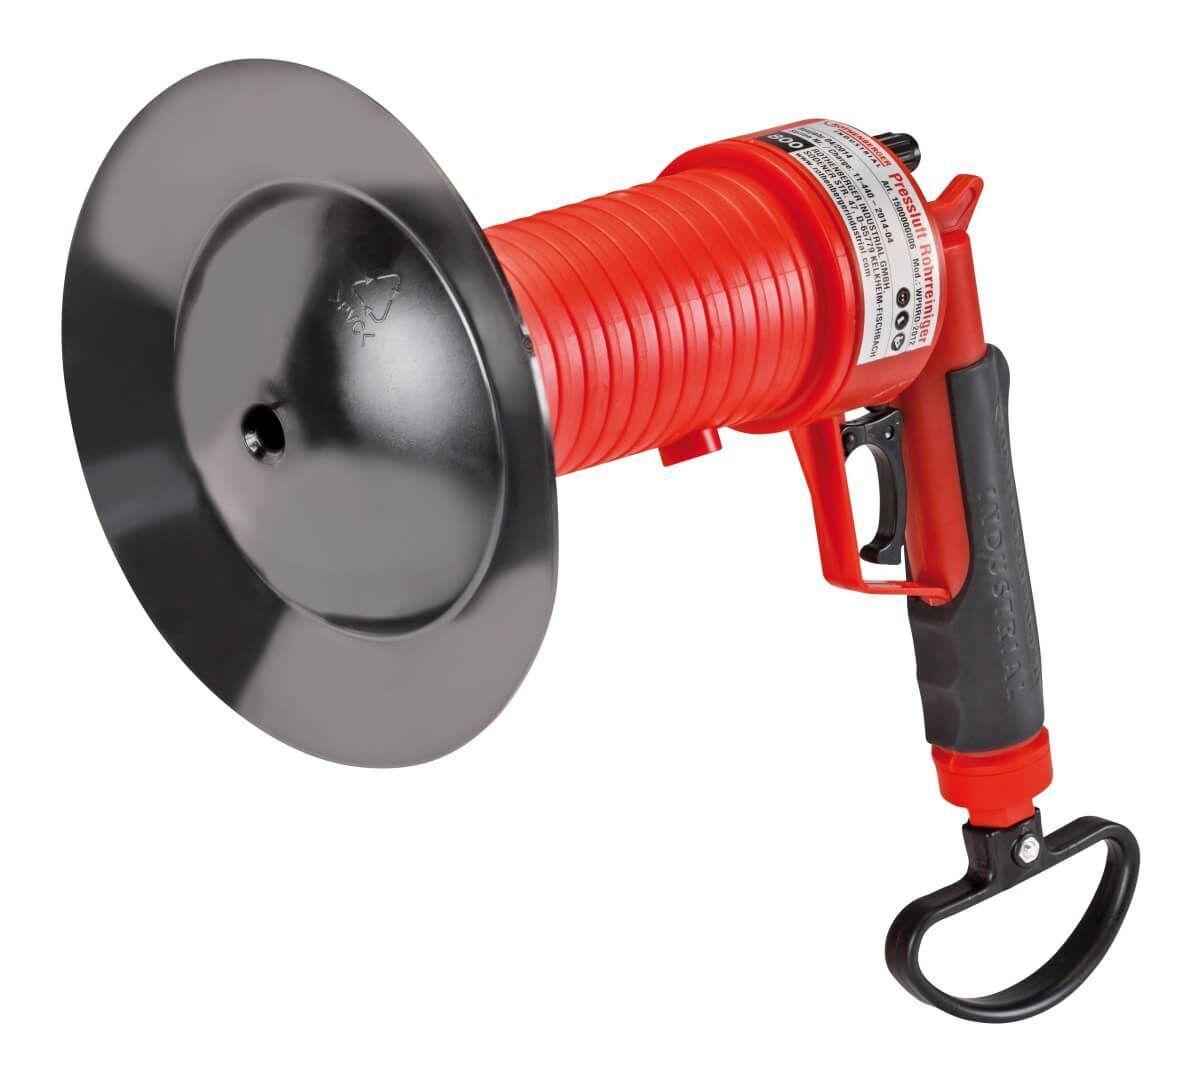 Pressluft Rohrreiniger Abflussreiniger 3 Bar Rohrreinigung mit Druckluft Pumpe